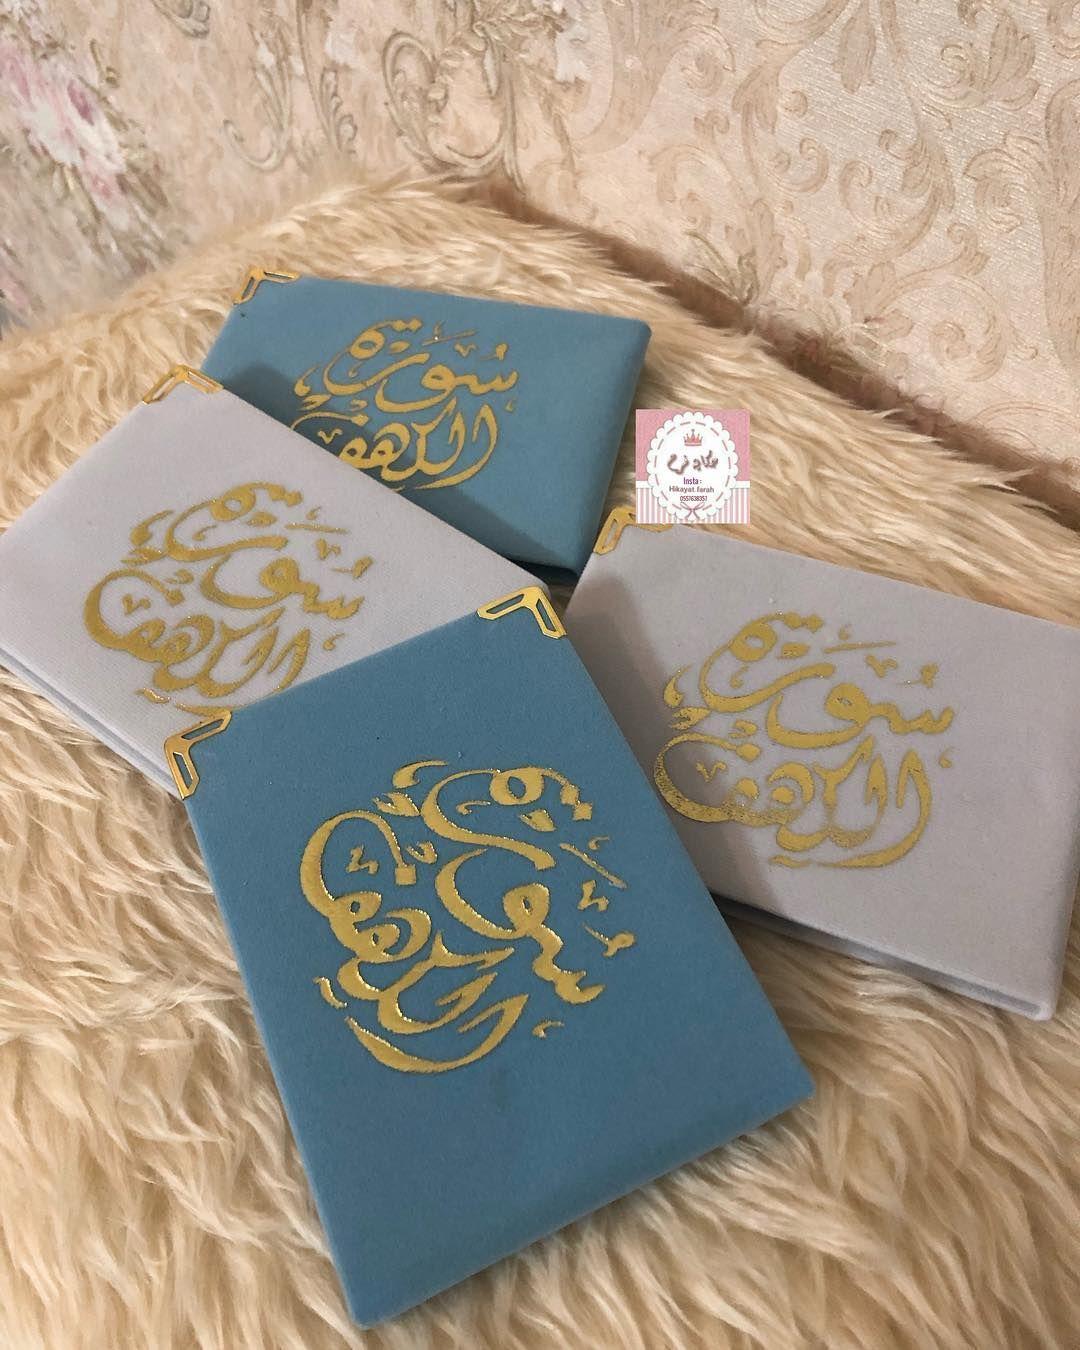 ماشاء الله تبارك الله كتييات سورة الكهف باللون الازرق والابيض Me F4f L4l Instagood Love ماشاء الله تبارك الله كتييا Gifts Gift Wrapping Passport Holder